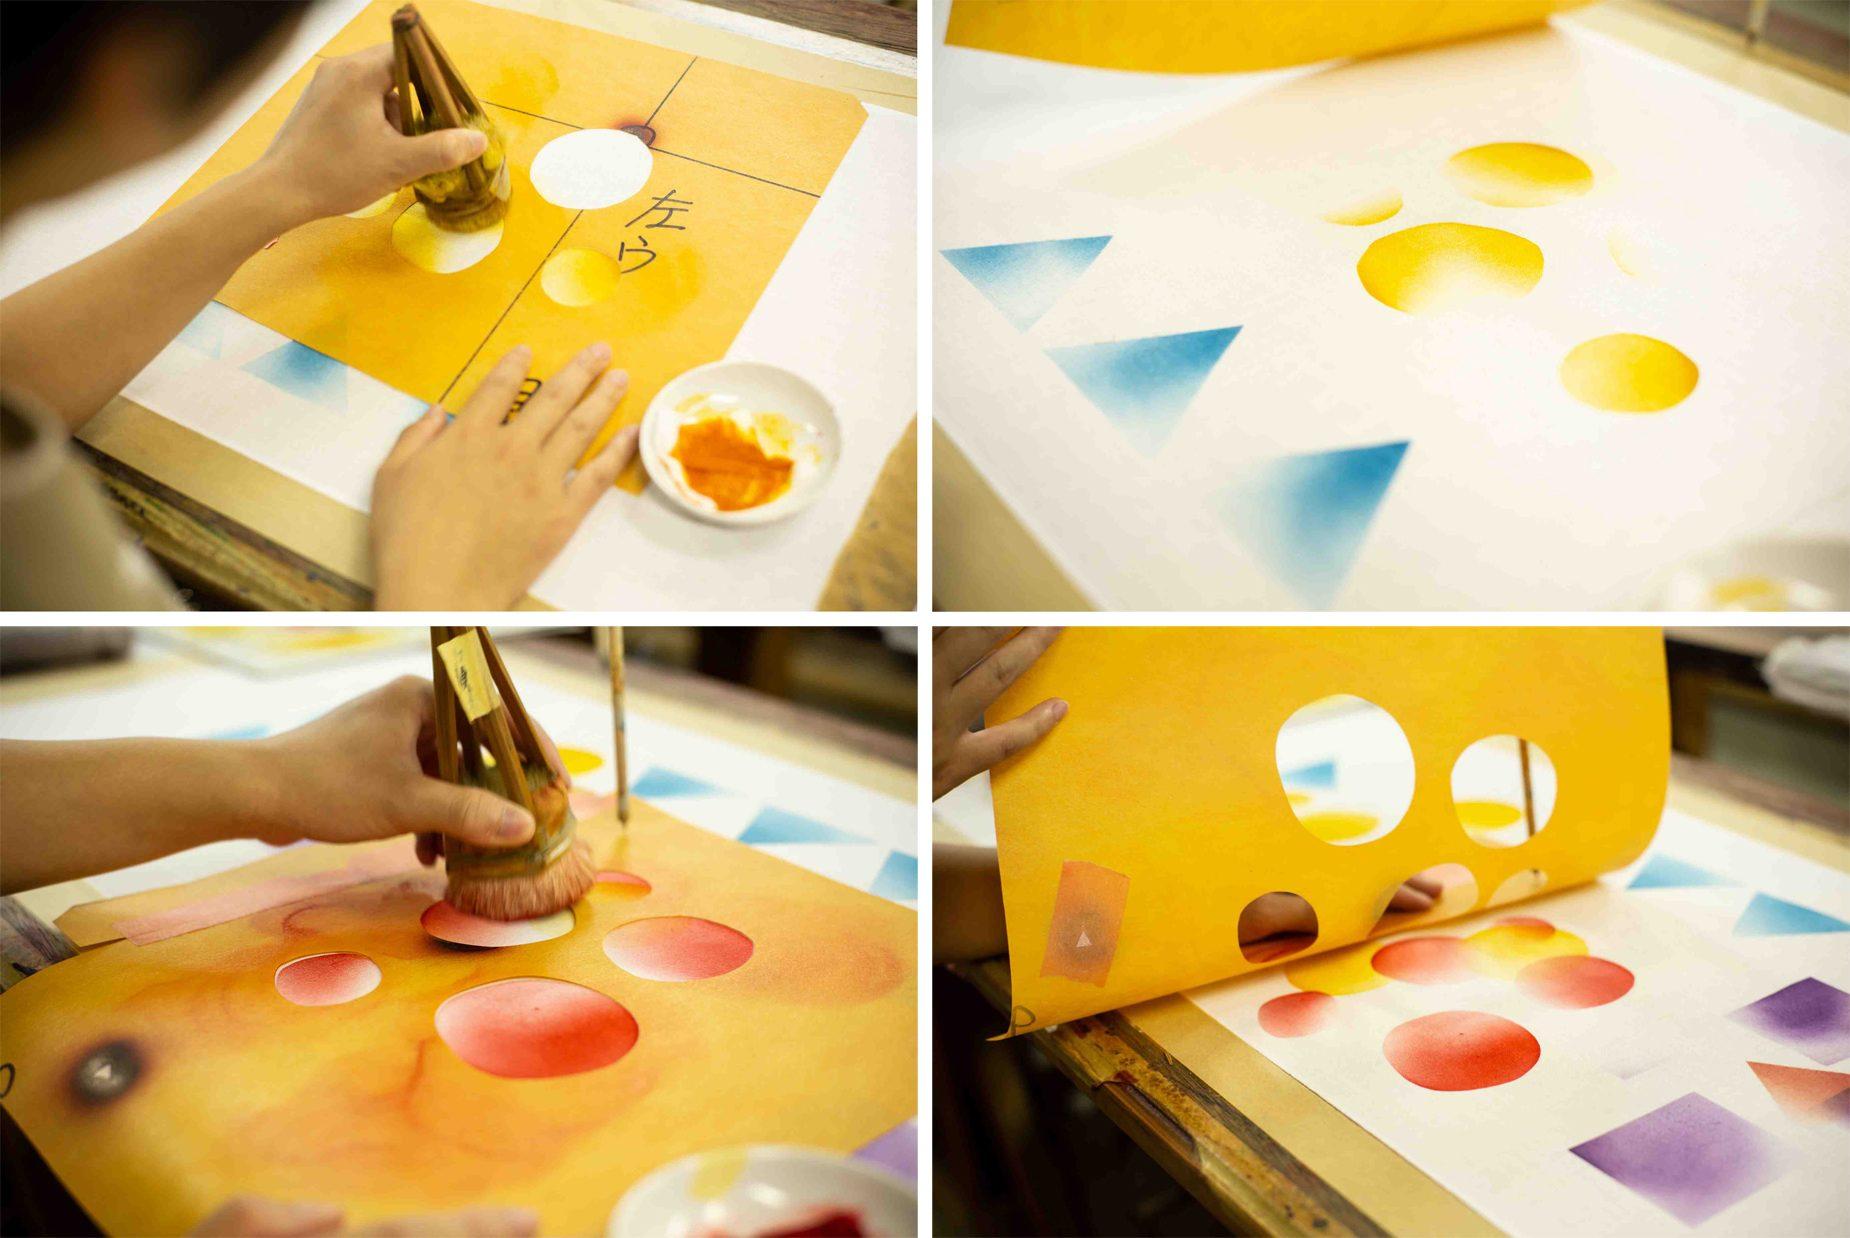 好きな型紙を選び、一型ずつ柄を重ねていくことでオリジナルの手ぬぐいが出来上がっていきます。